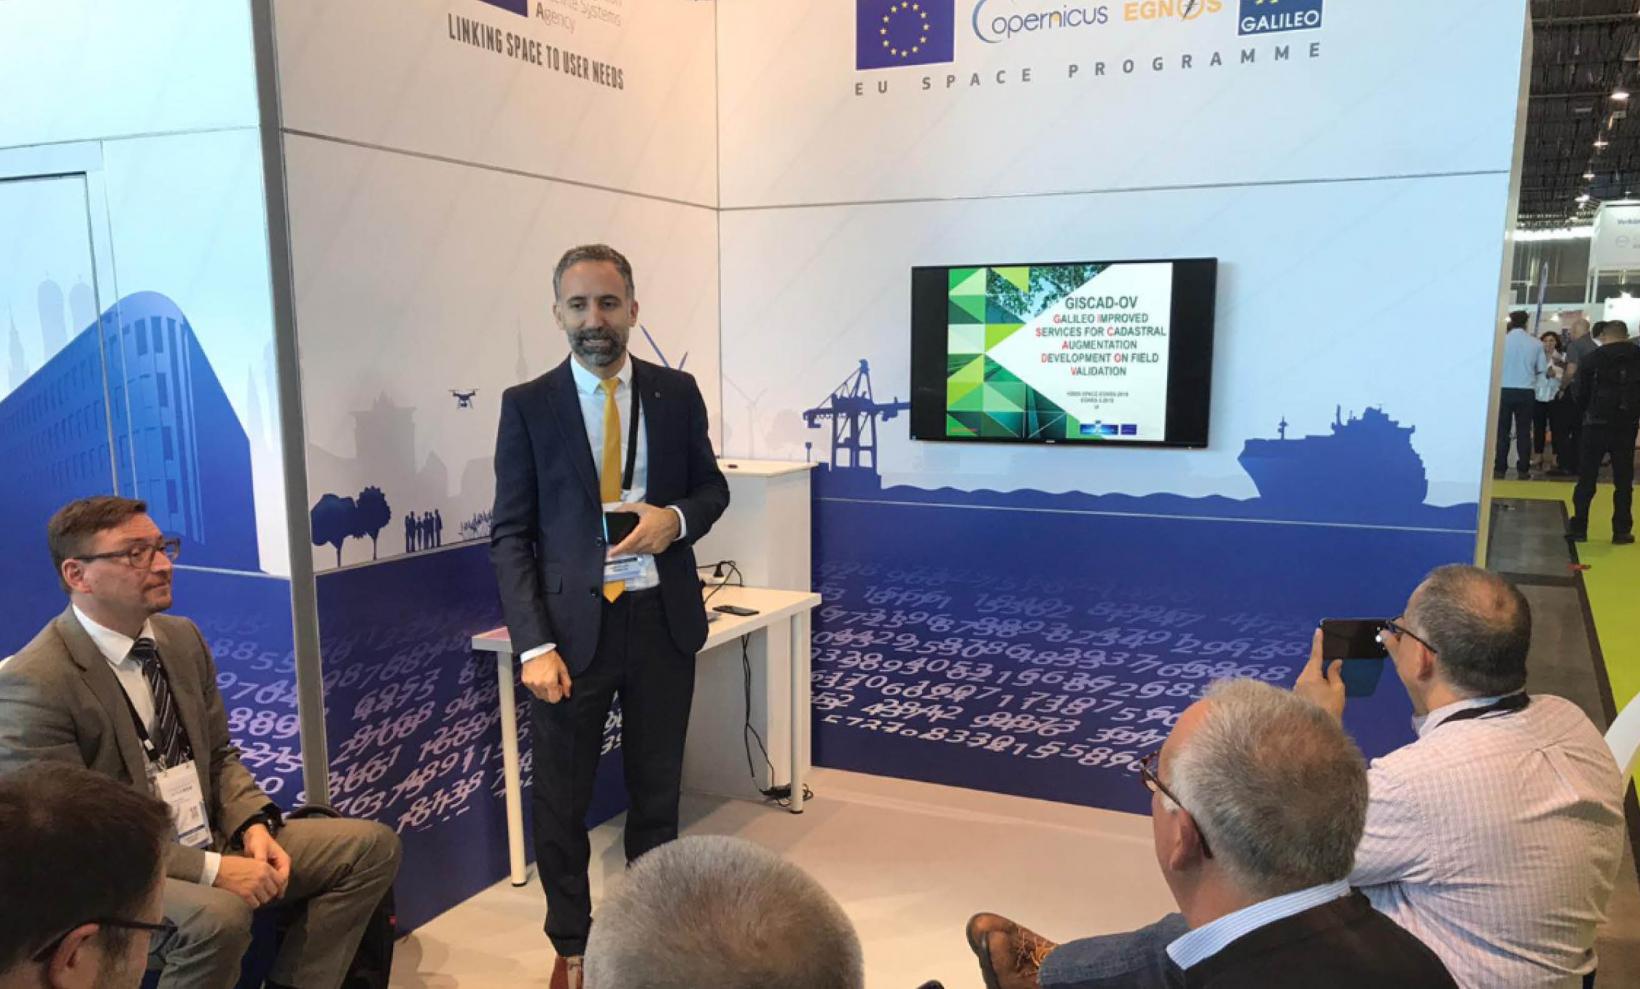 GSA Market Development Innovation Officer Eduard Escalona speaking at the InterGEO Galileo workshop